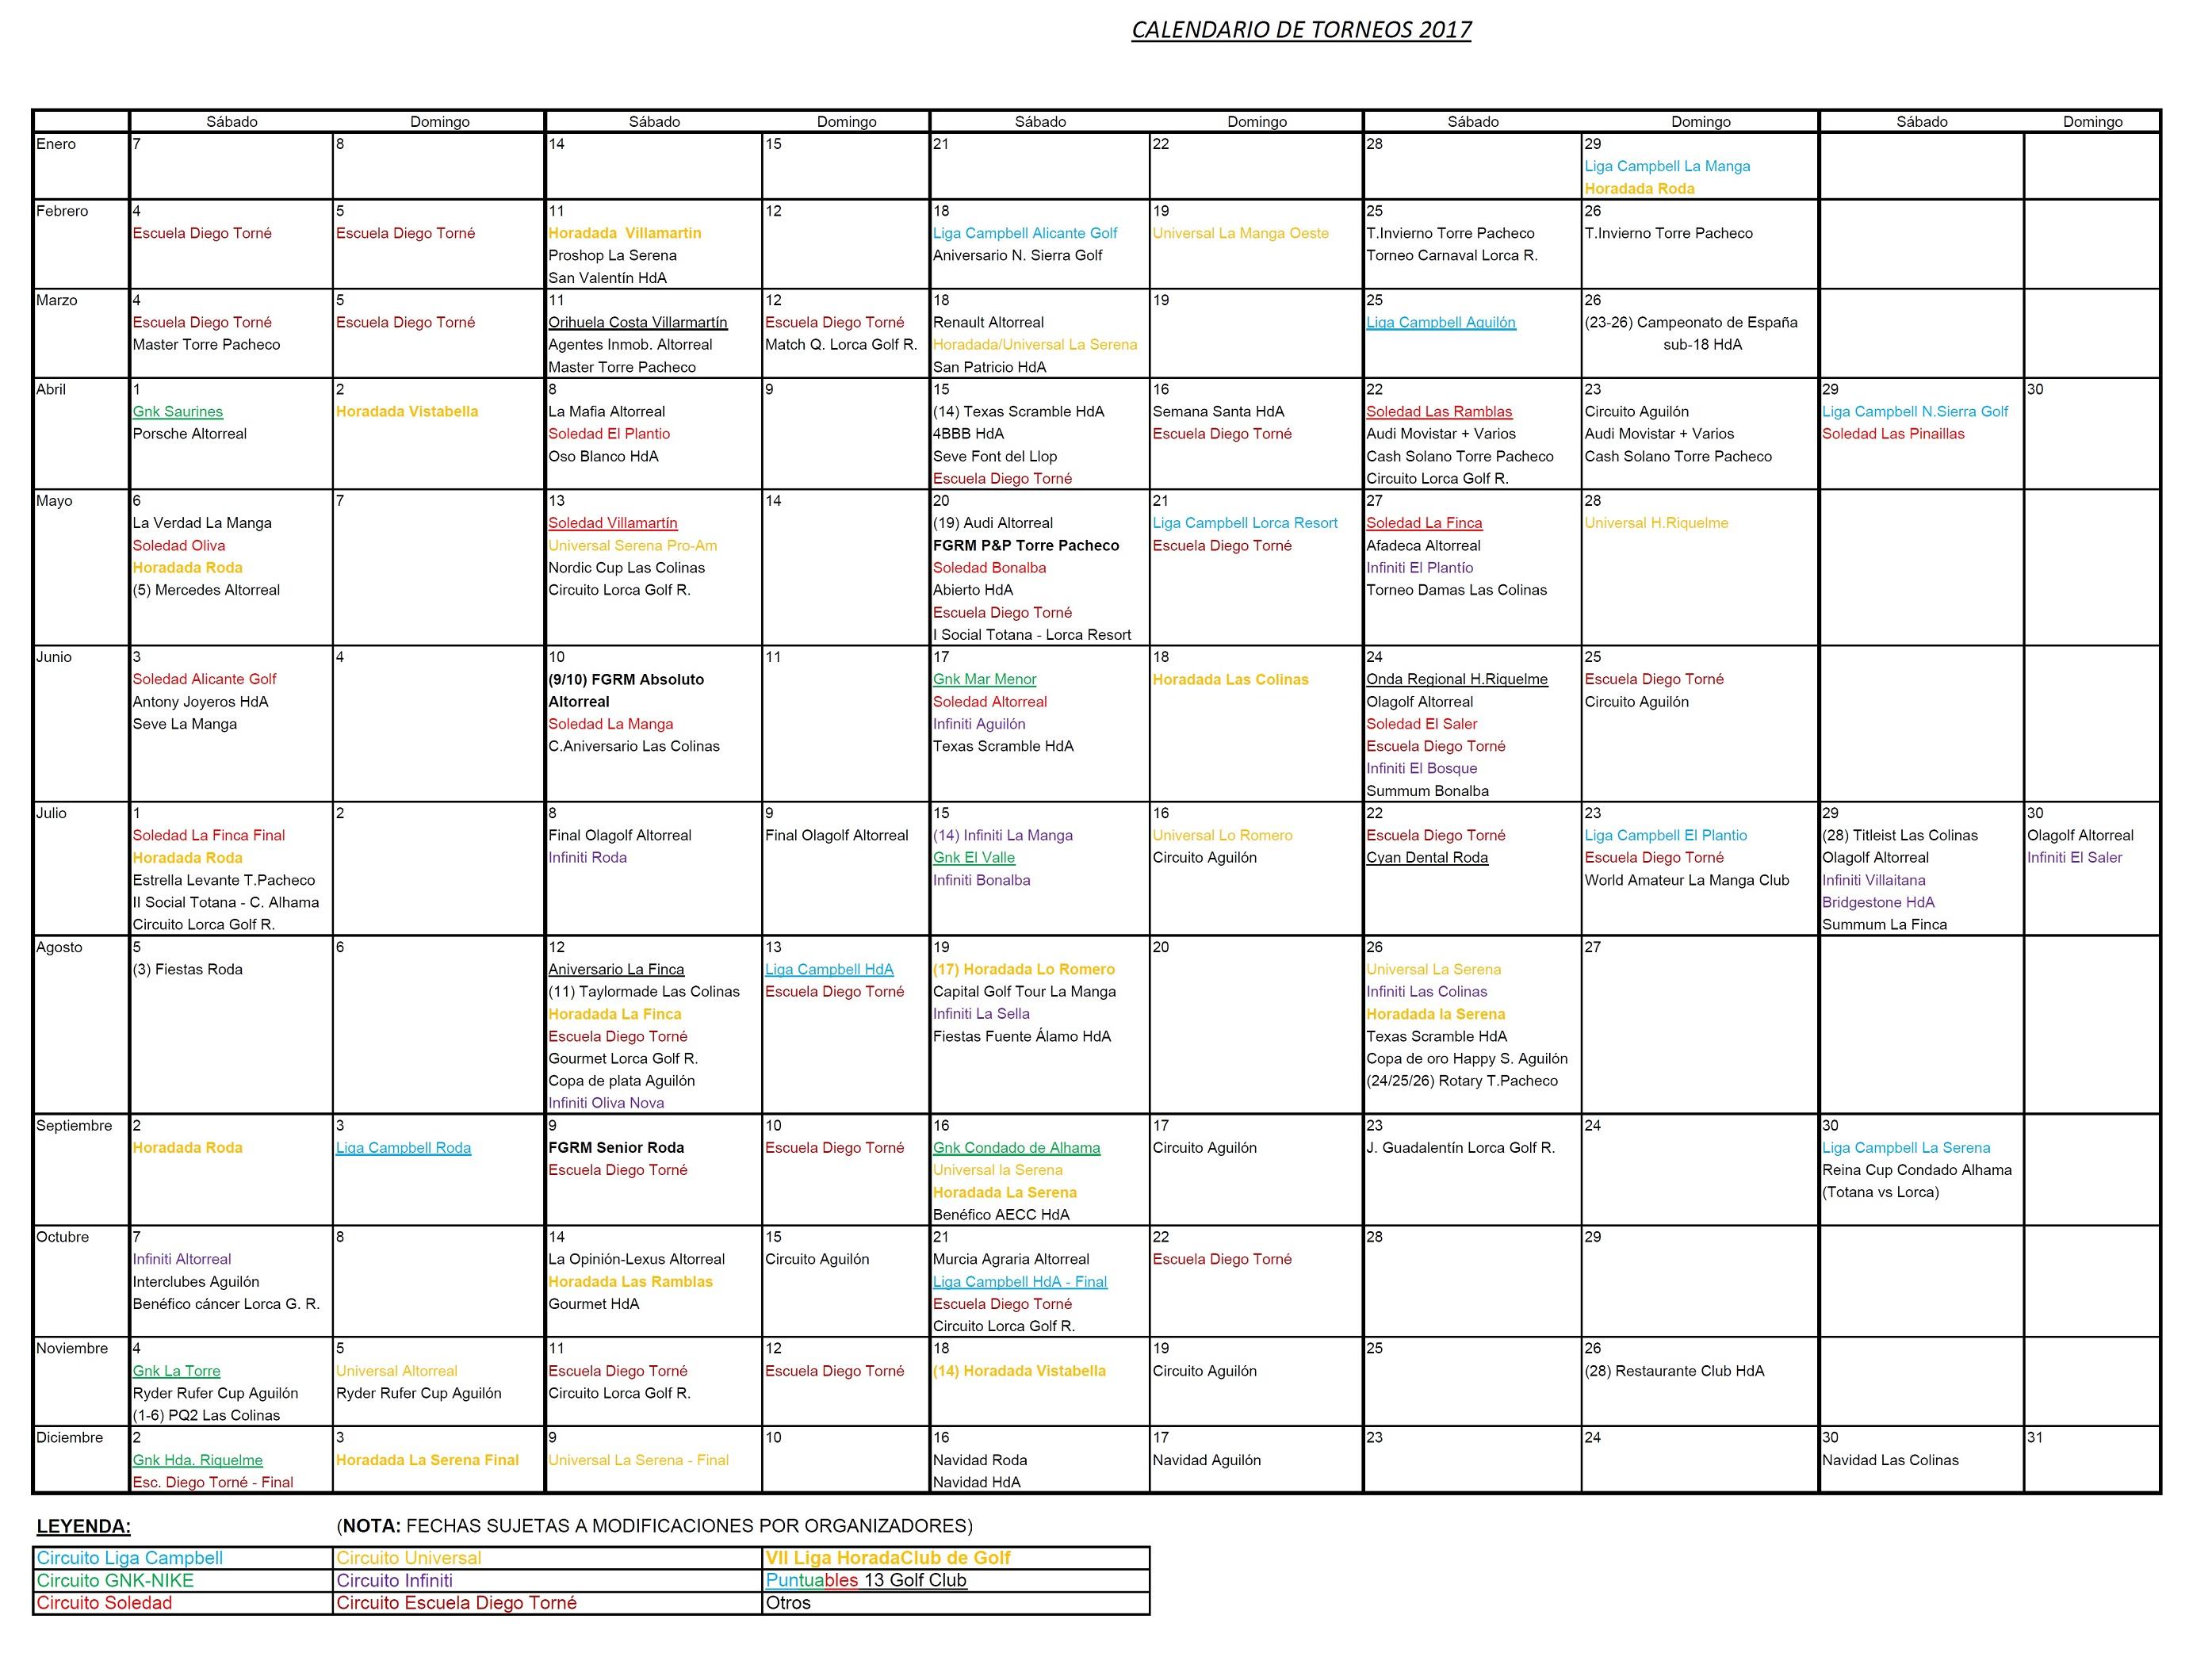 170418 Actualización de Calendario de Torneos